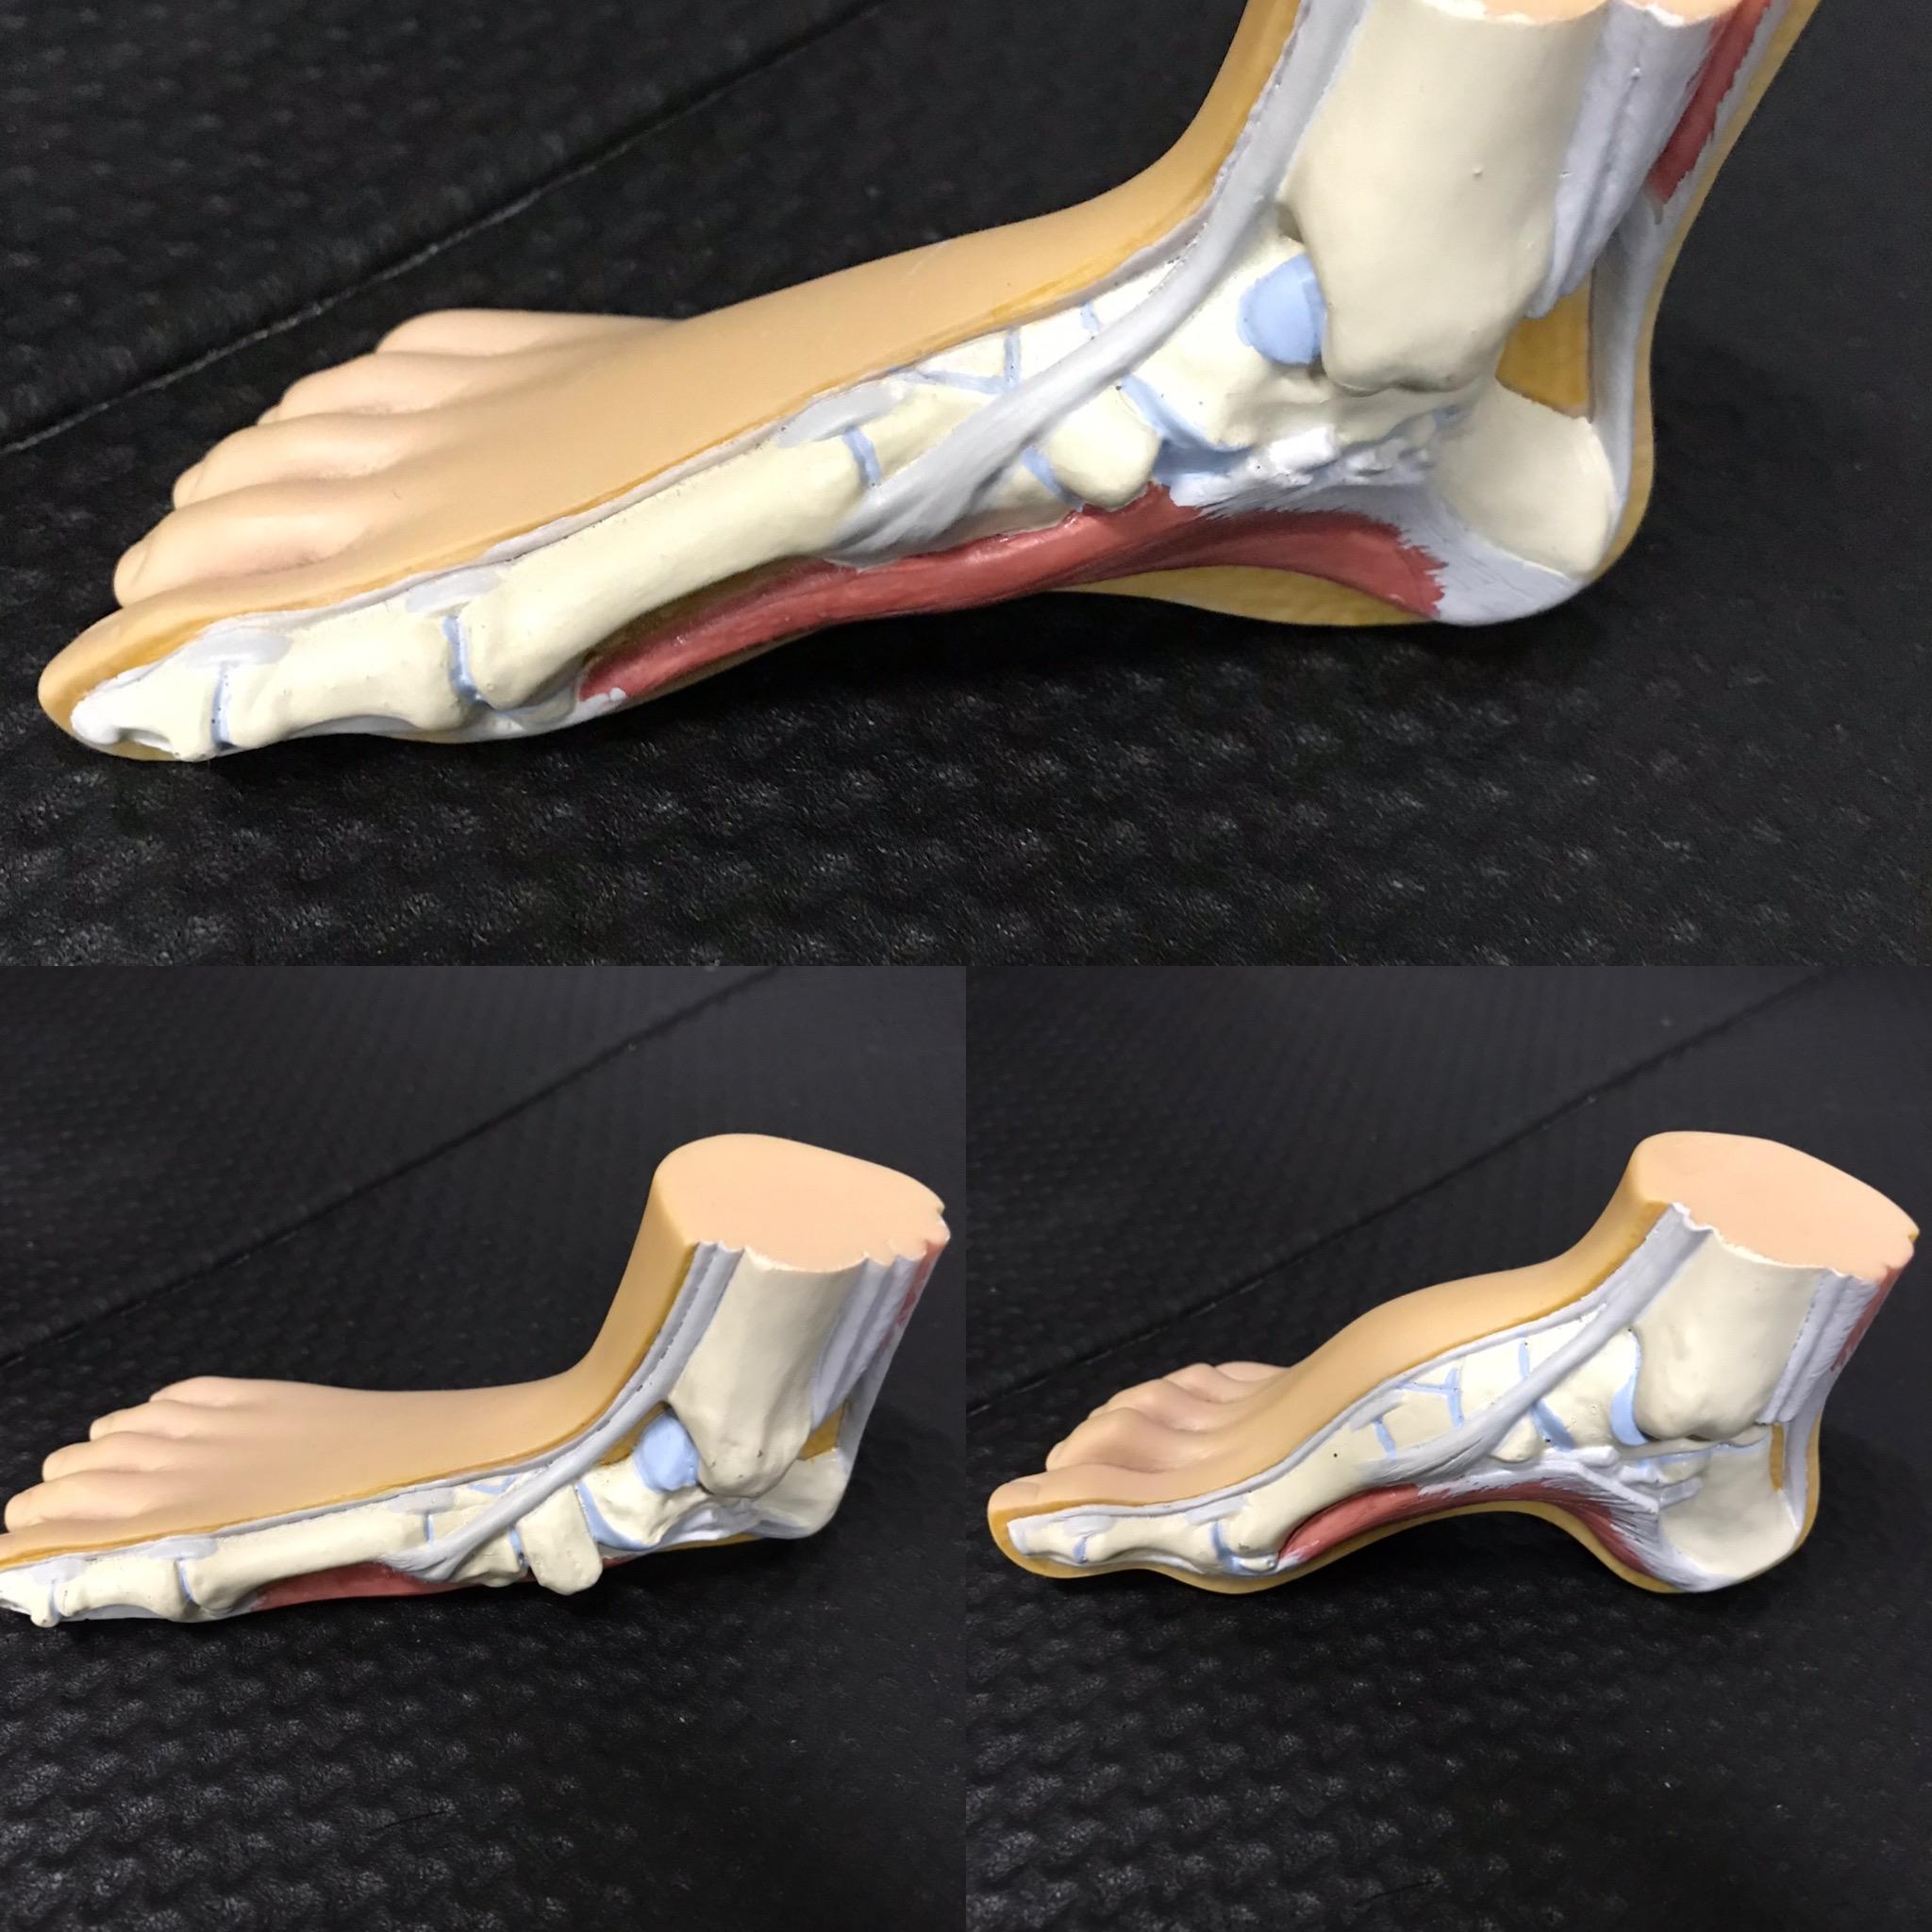 理想的な足の形